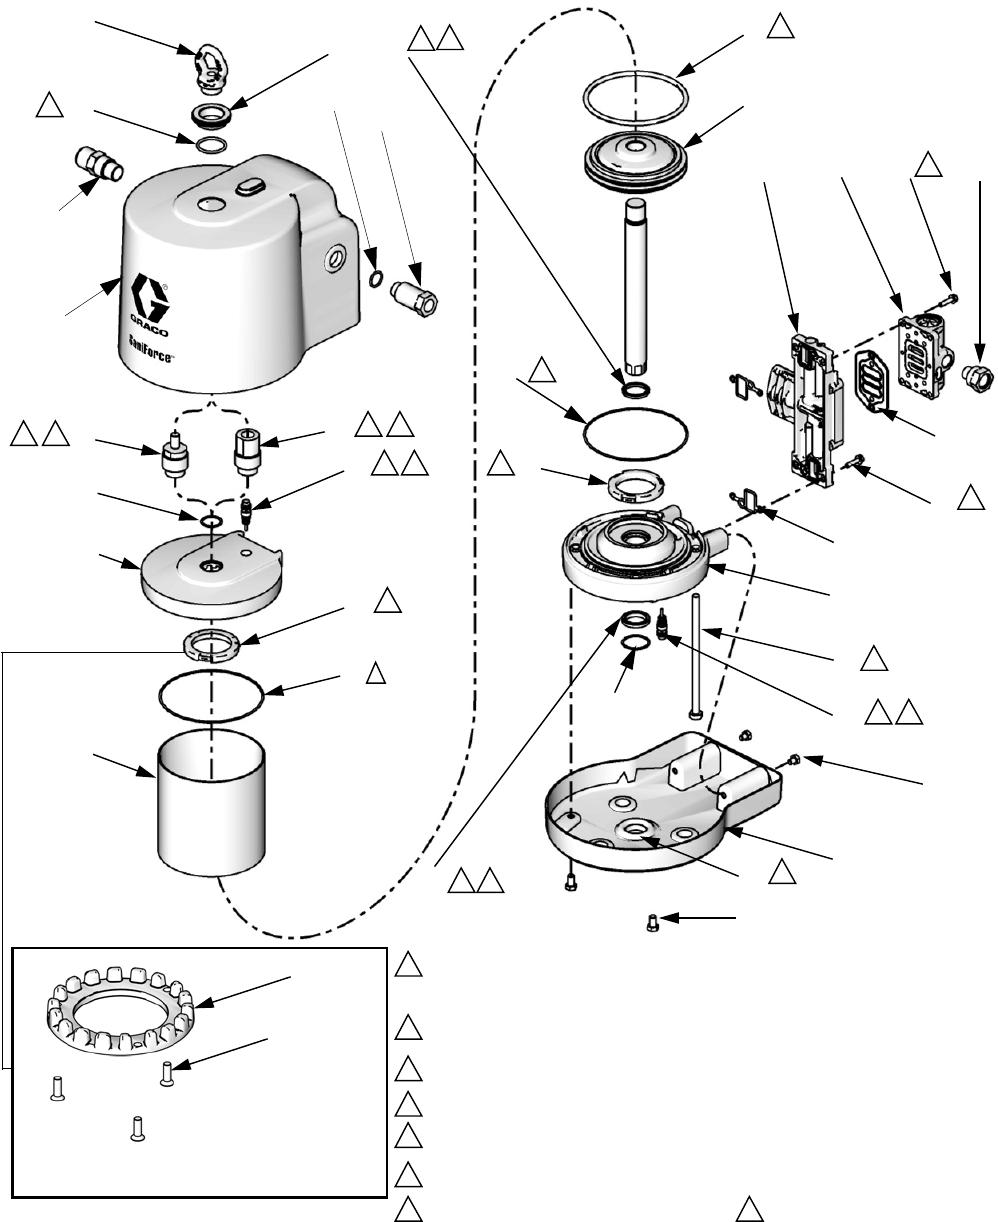 Graco 24R491 3A1211M SaniForce Air Motors, Instructions